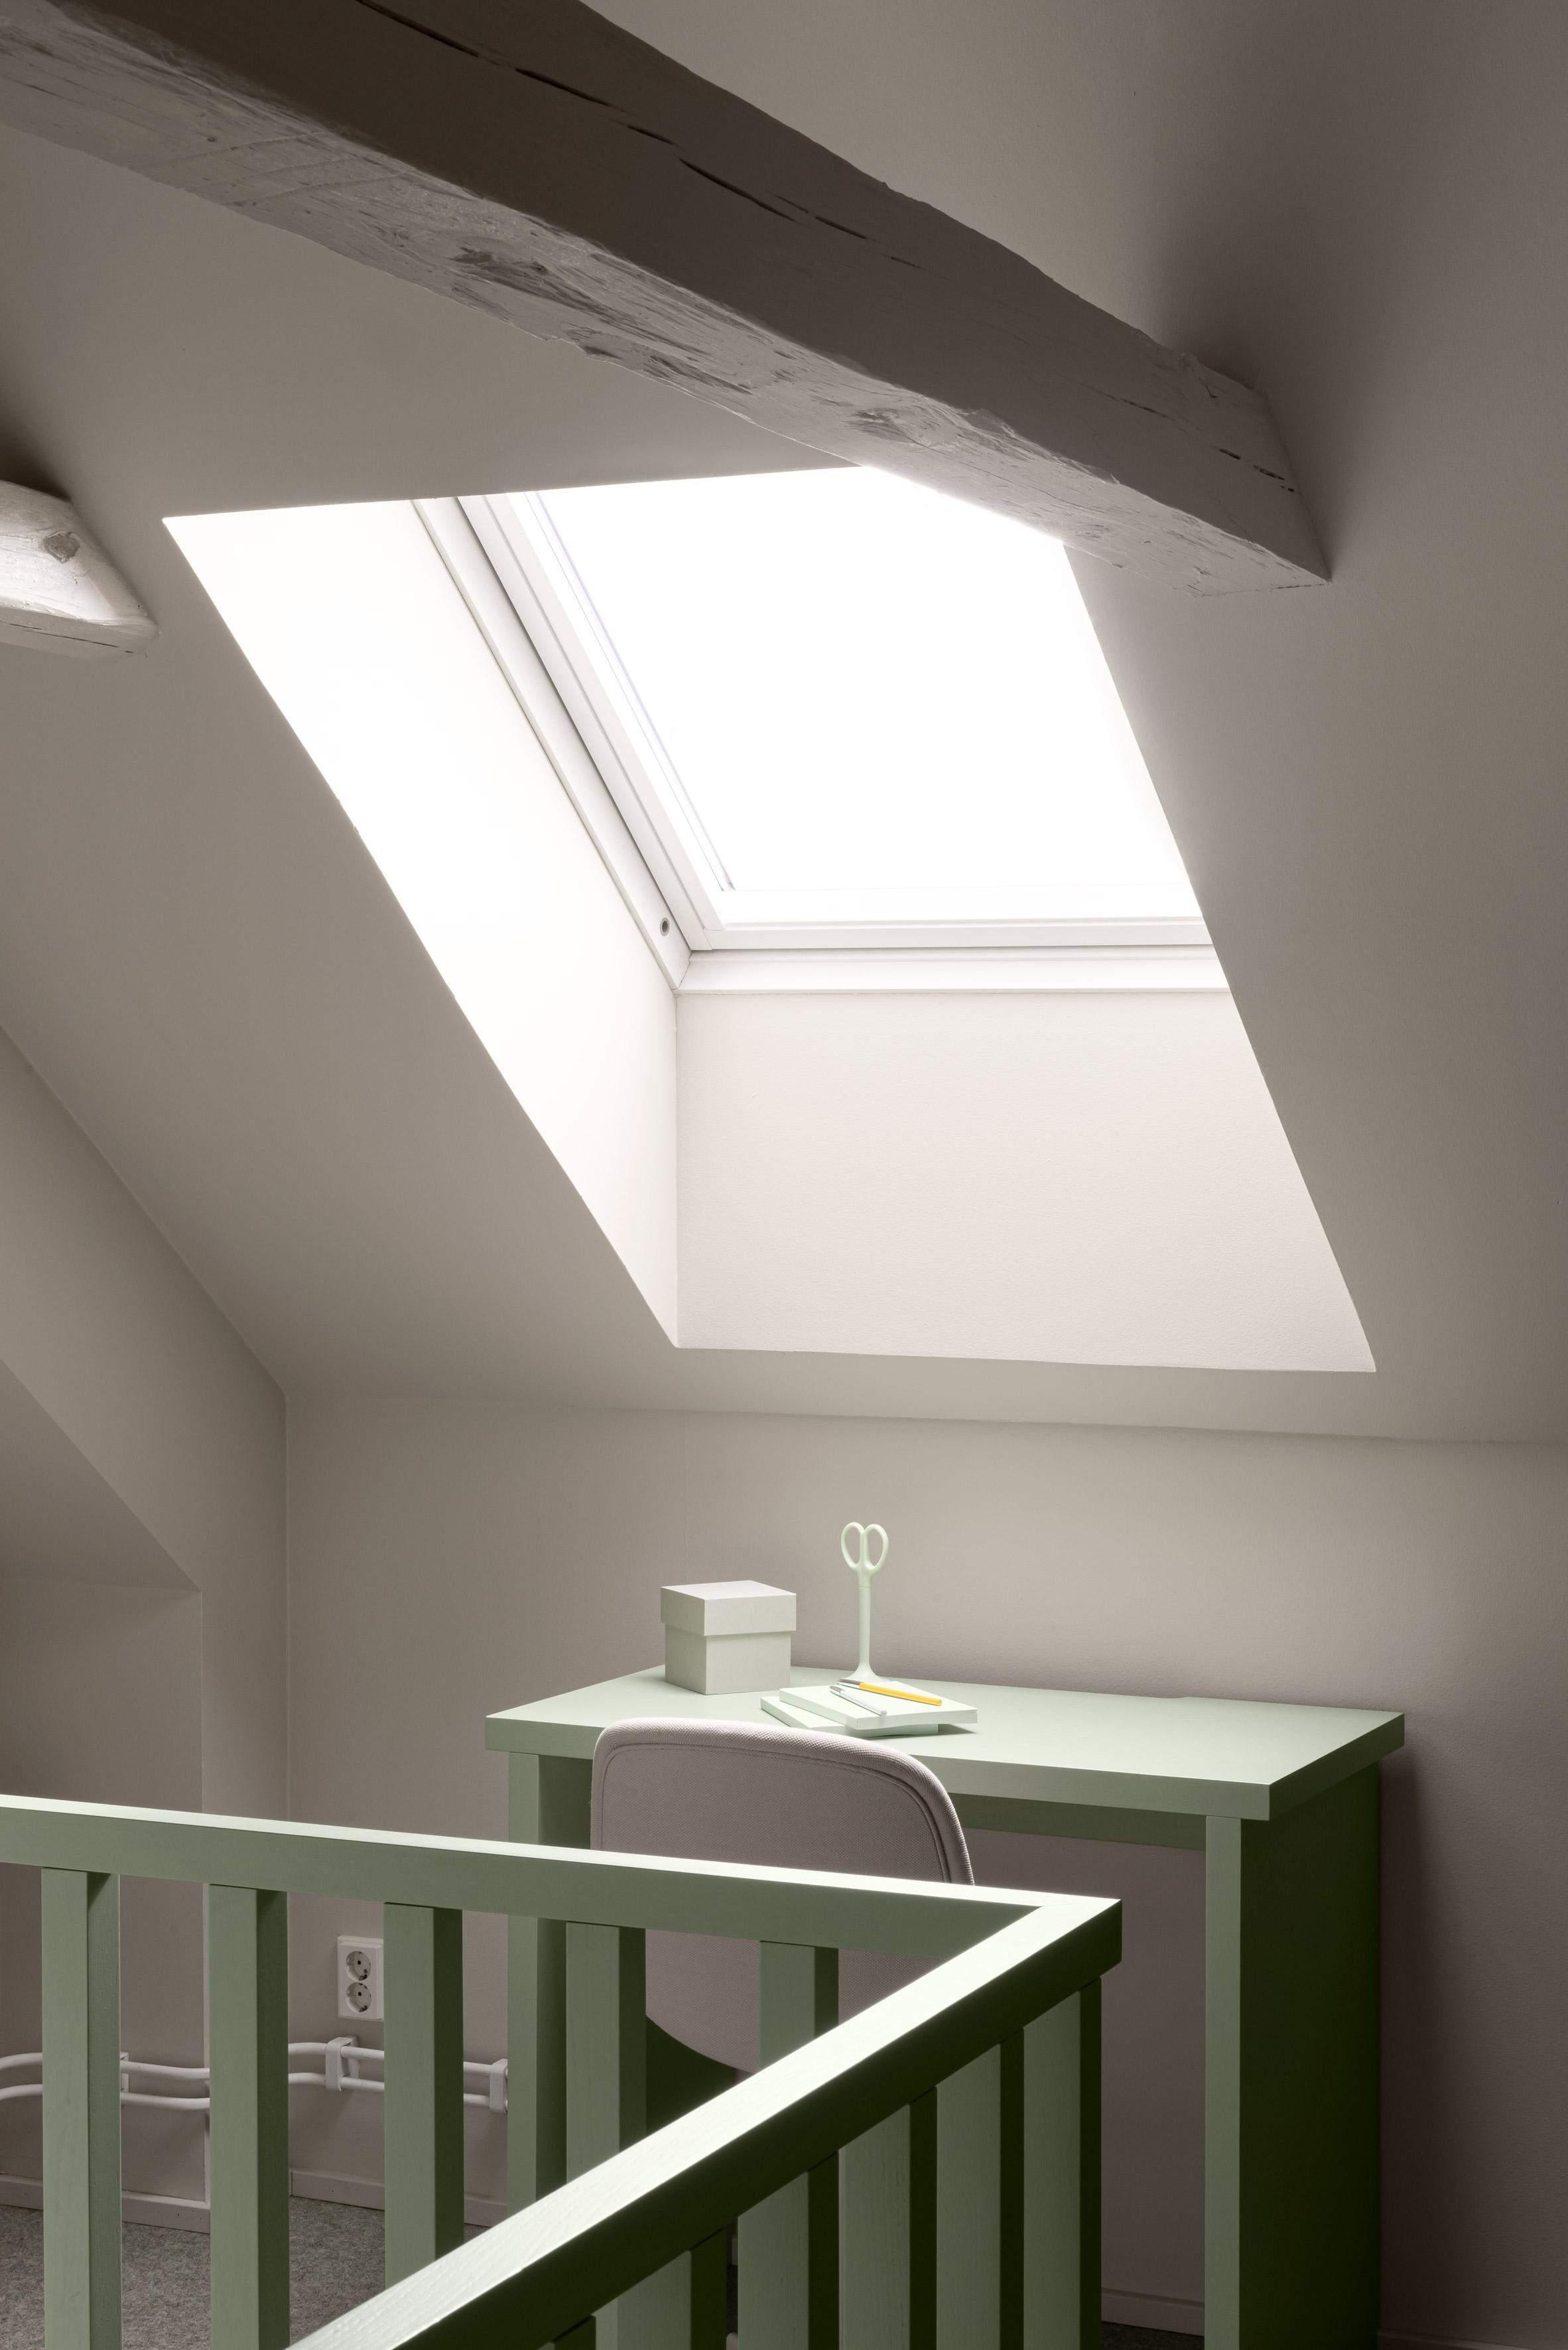 Інтер'єр дитячої кімнати під стелею